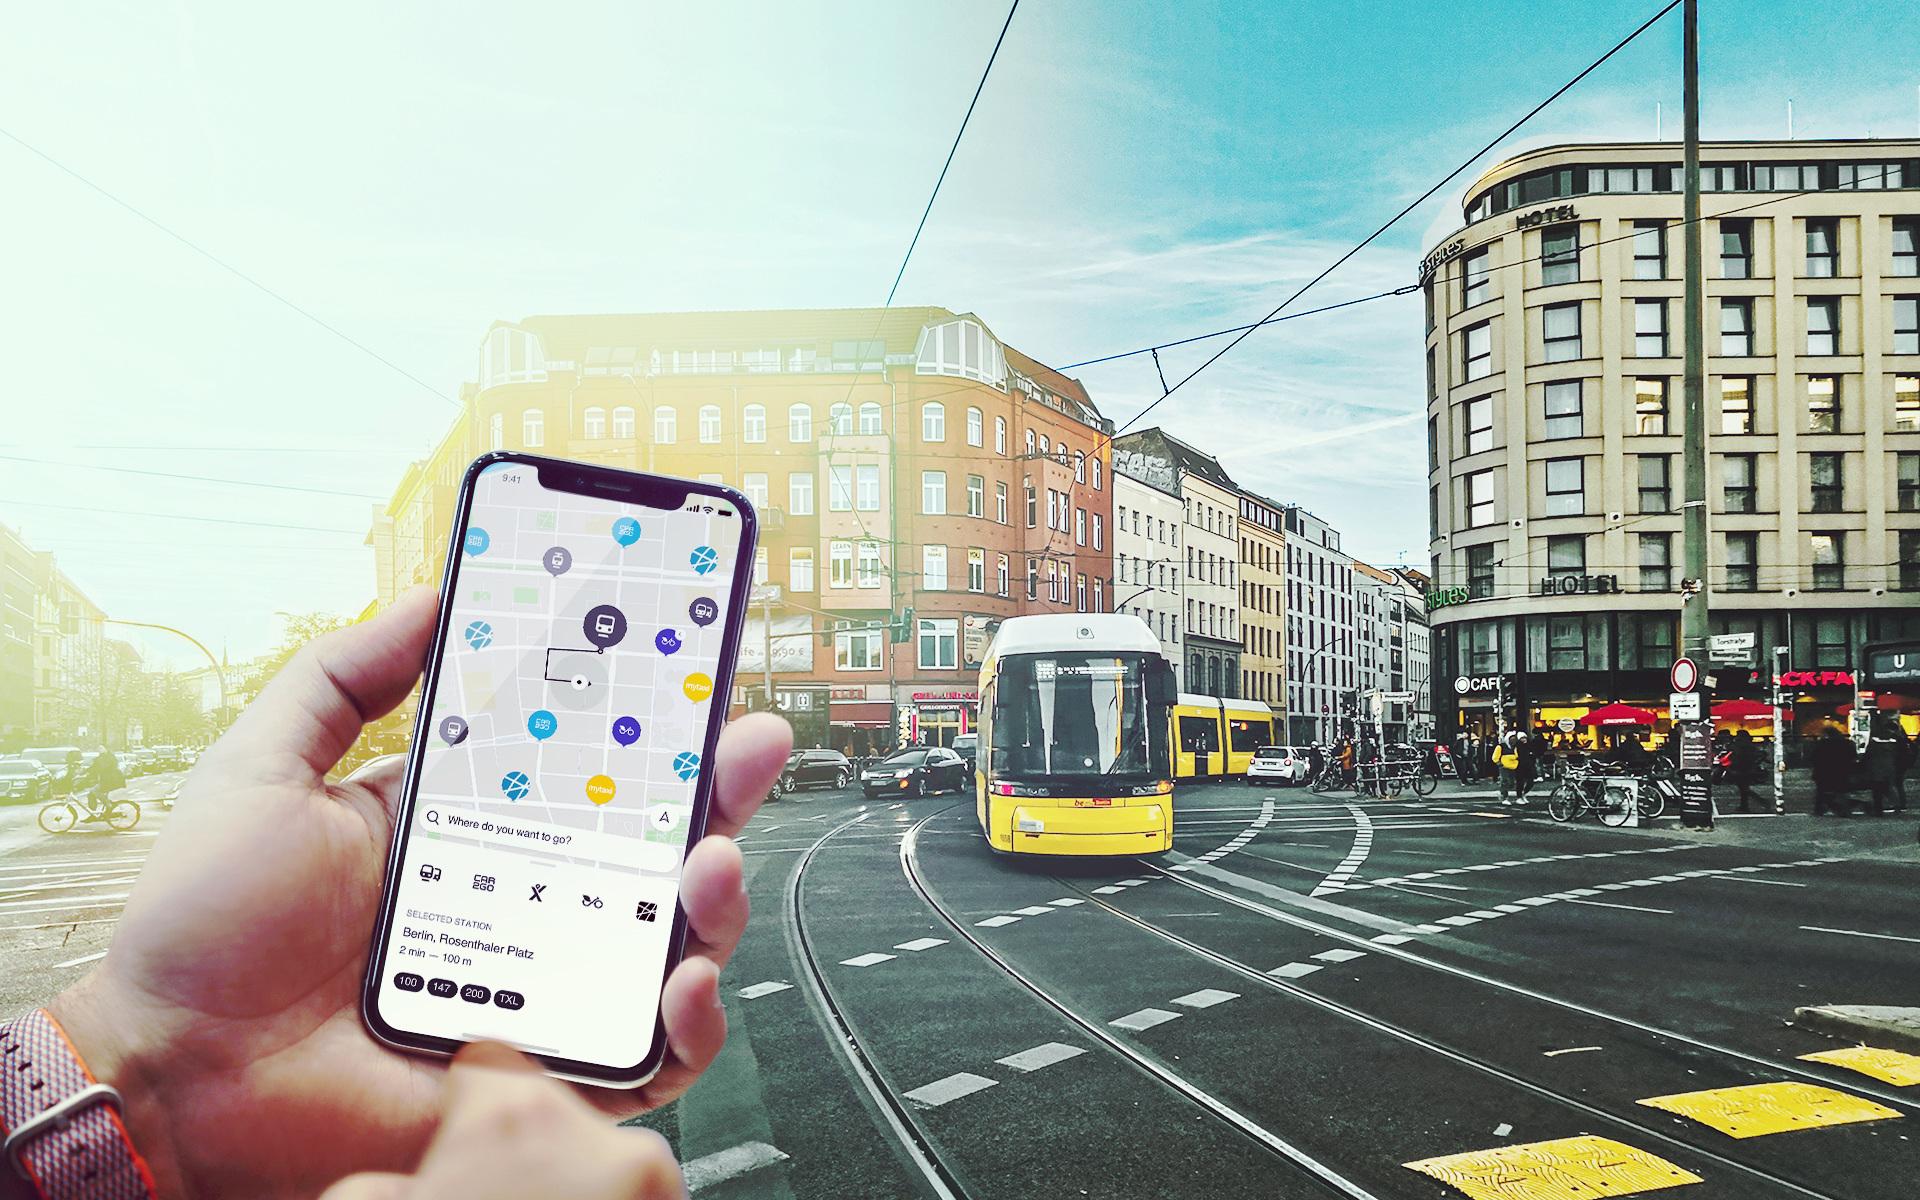 Daimler, BMW Partner on Mobility Venture